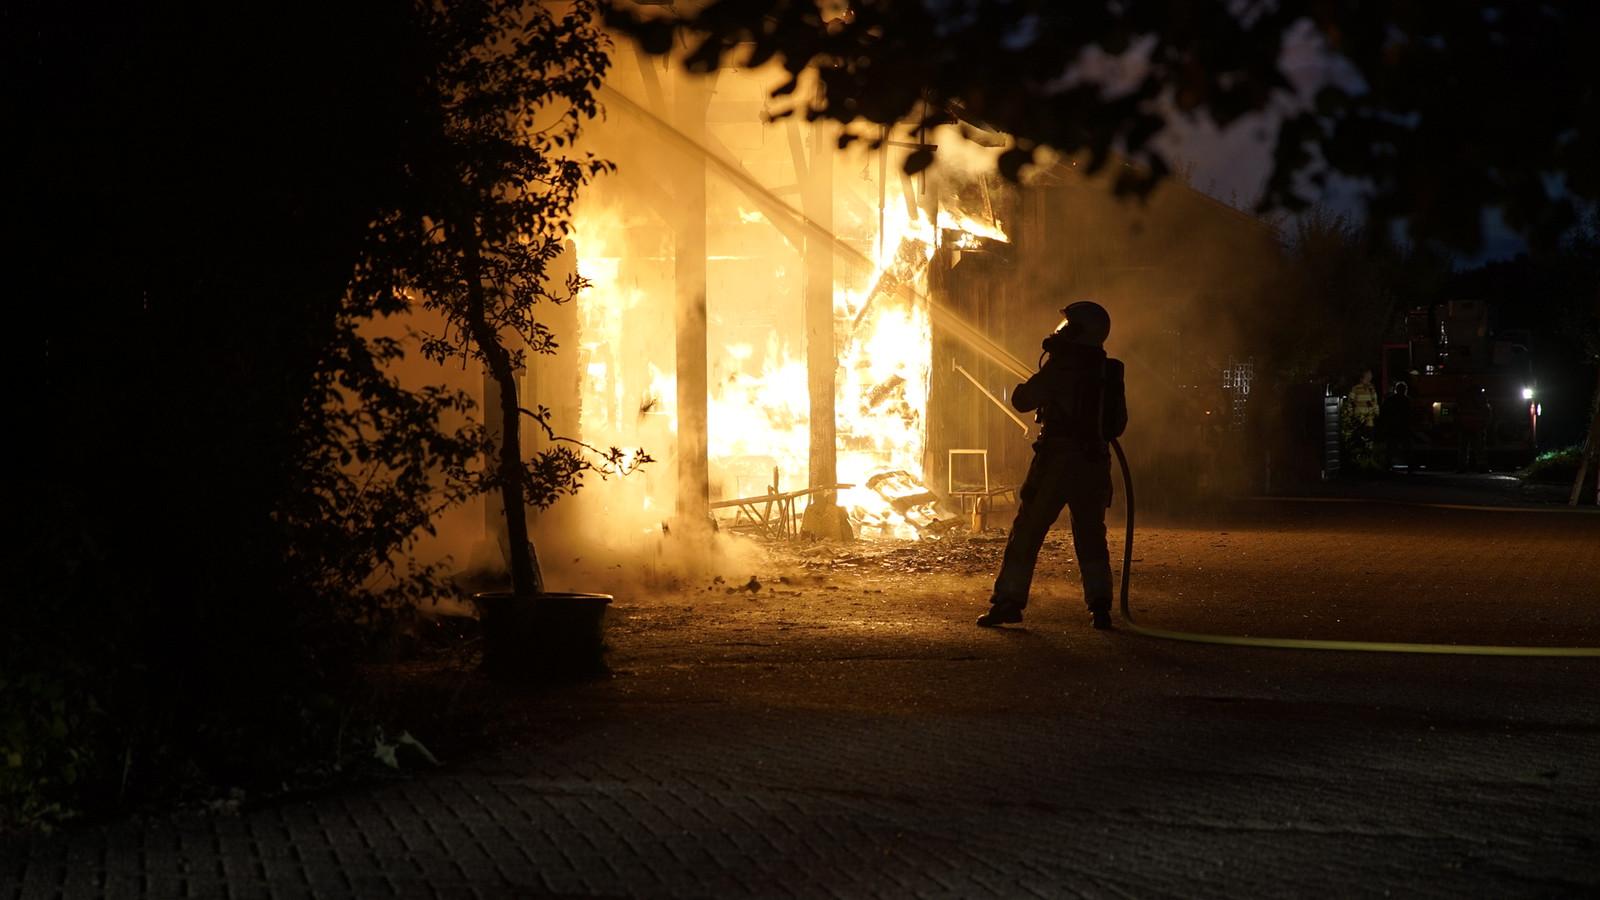 Een flinke vuurzee bij het Hof van Twello, de eerste woensdag van oktober.